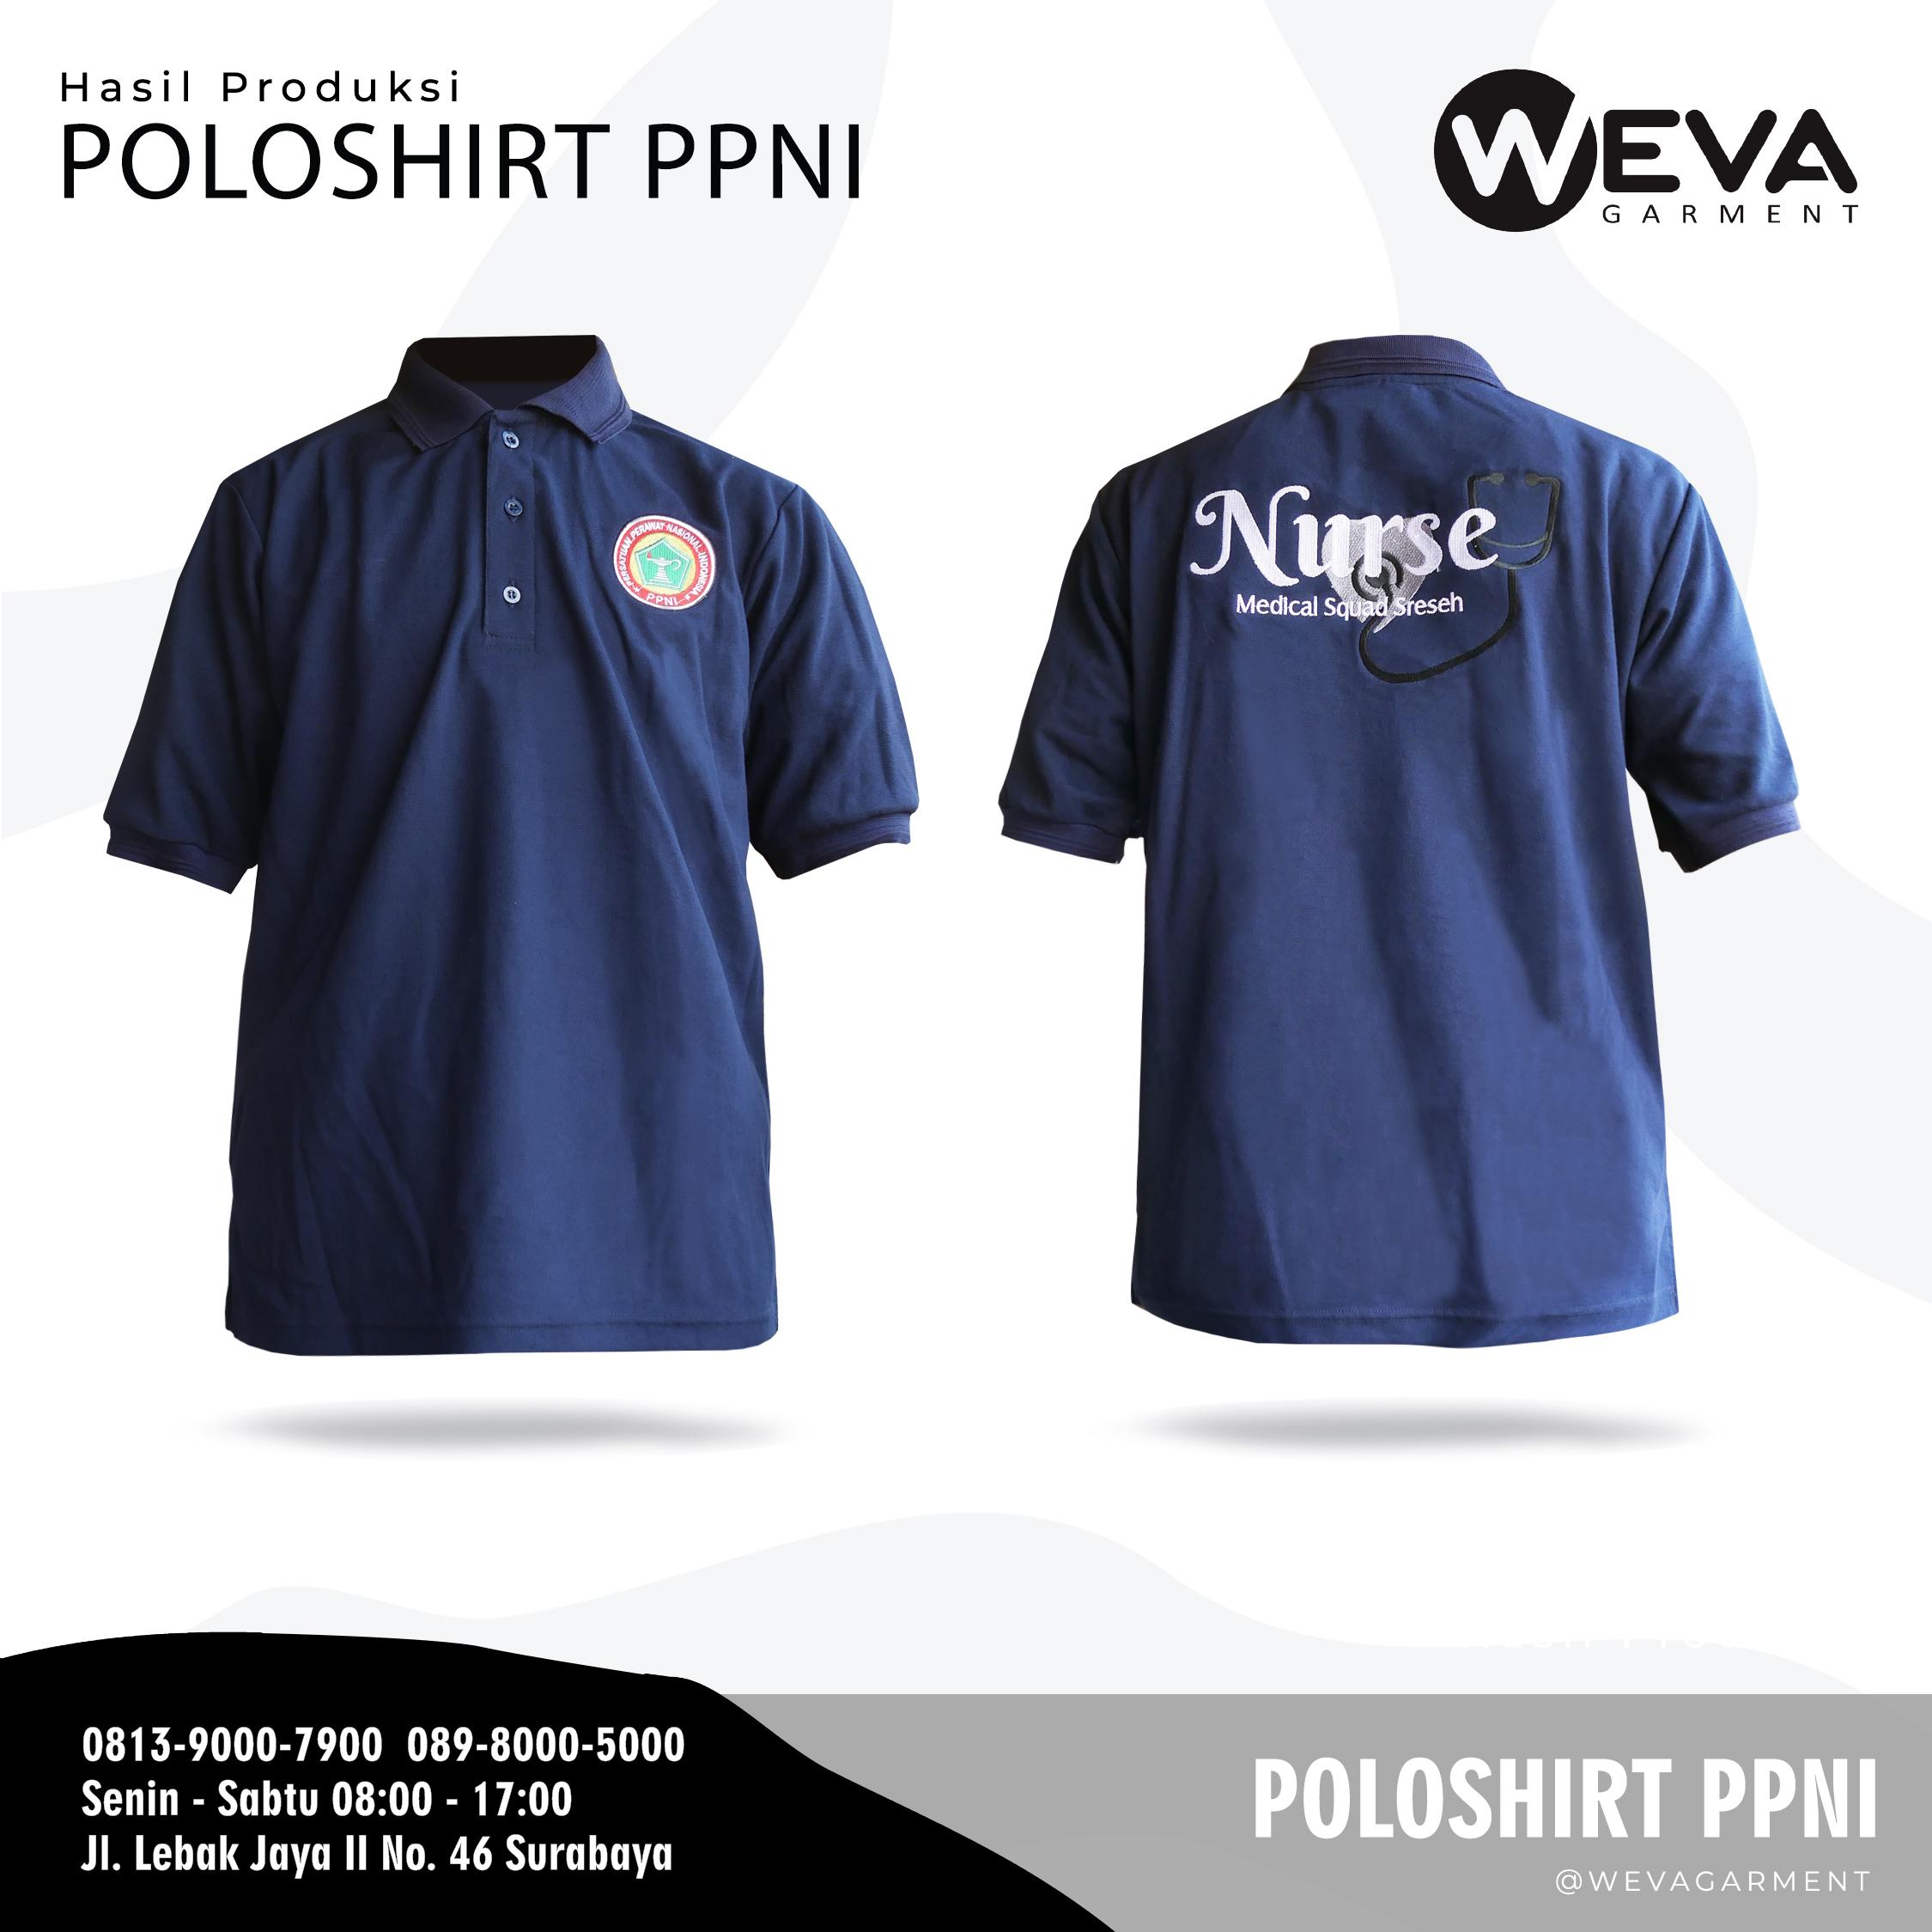 Hasil Produksi dan Desain Poloshirt PPNI SRESEH